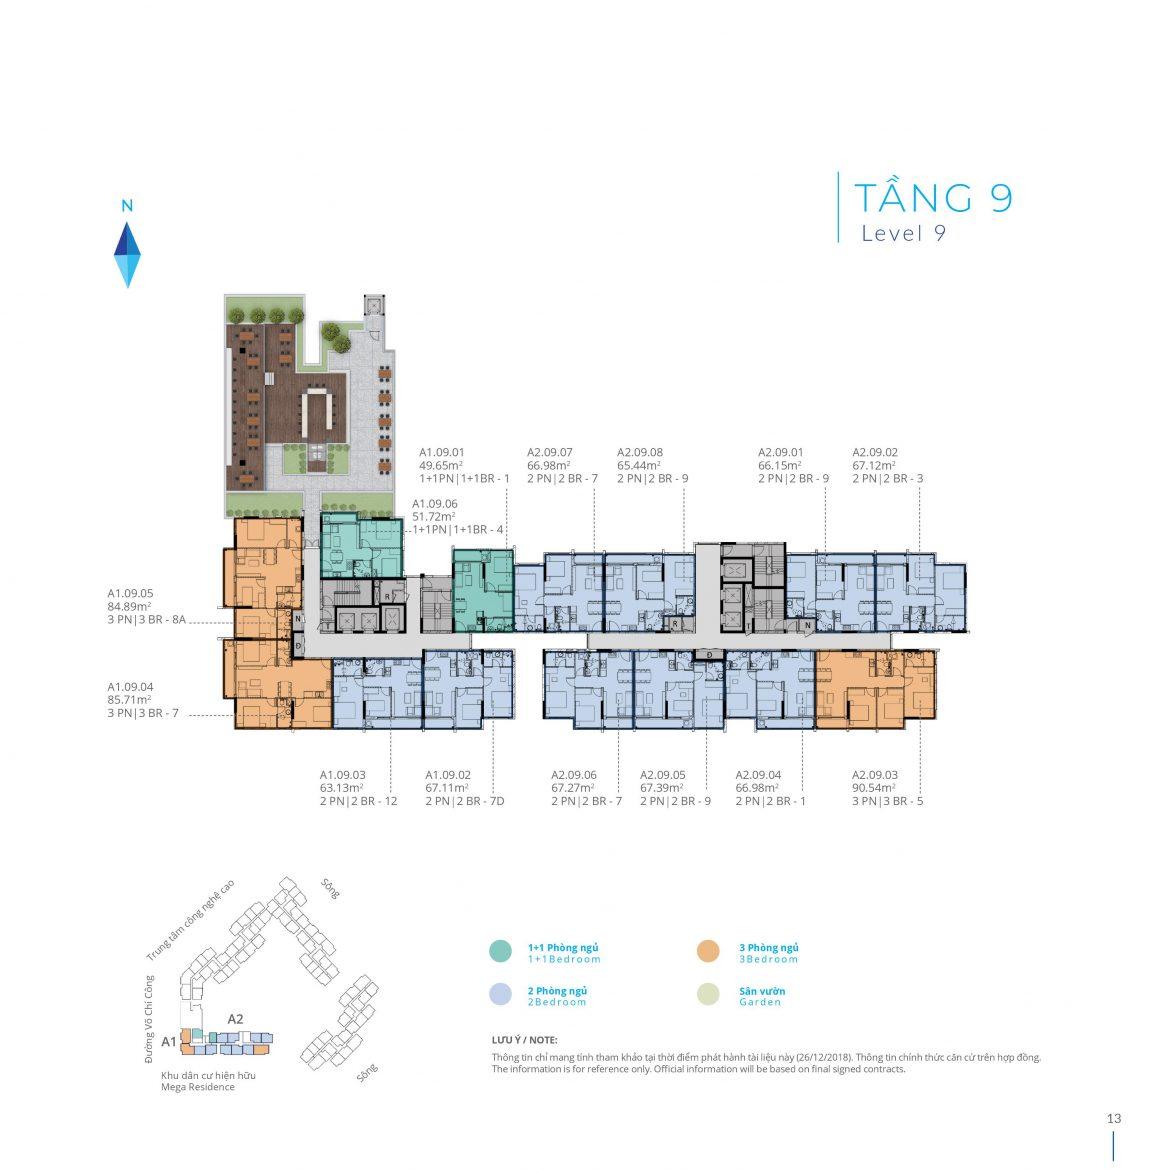 Mặt bằng tầng 9 Block A dự án Safira Khang Điền